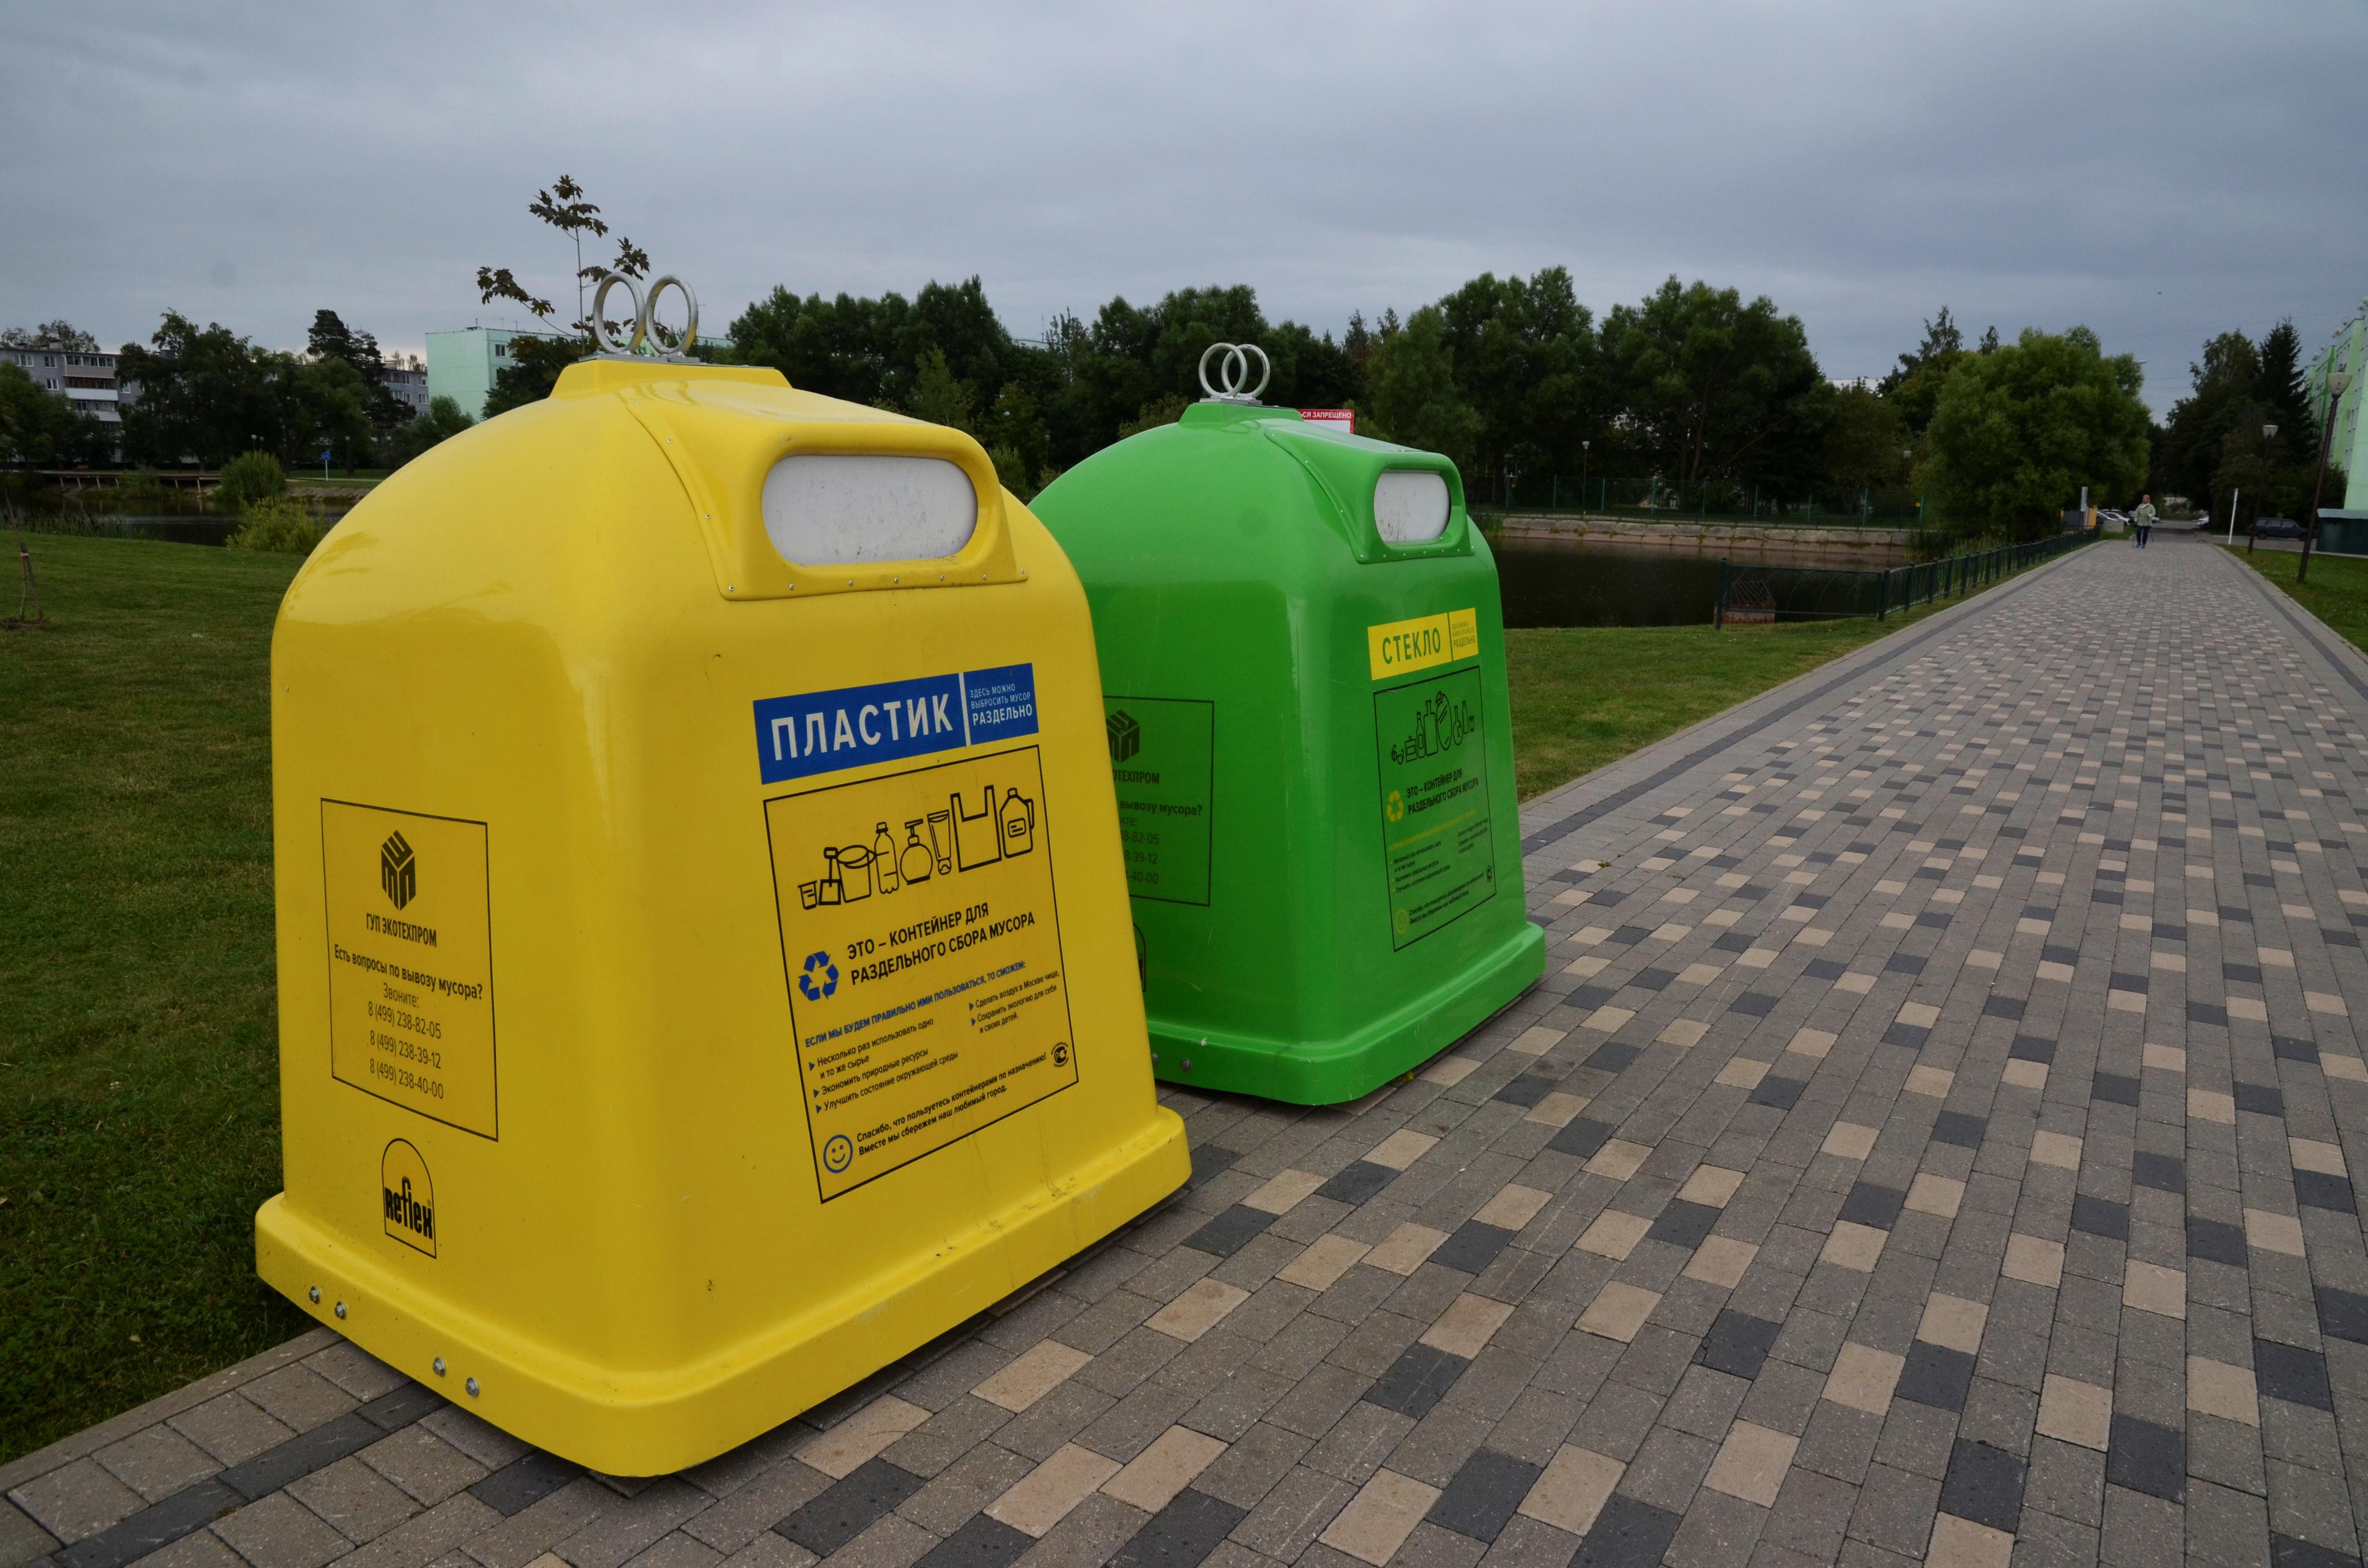 Москвичи проголосуют по вопросу сортировки бытовых отходов. Фото: архив